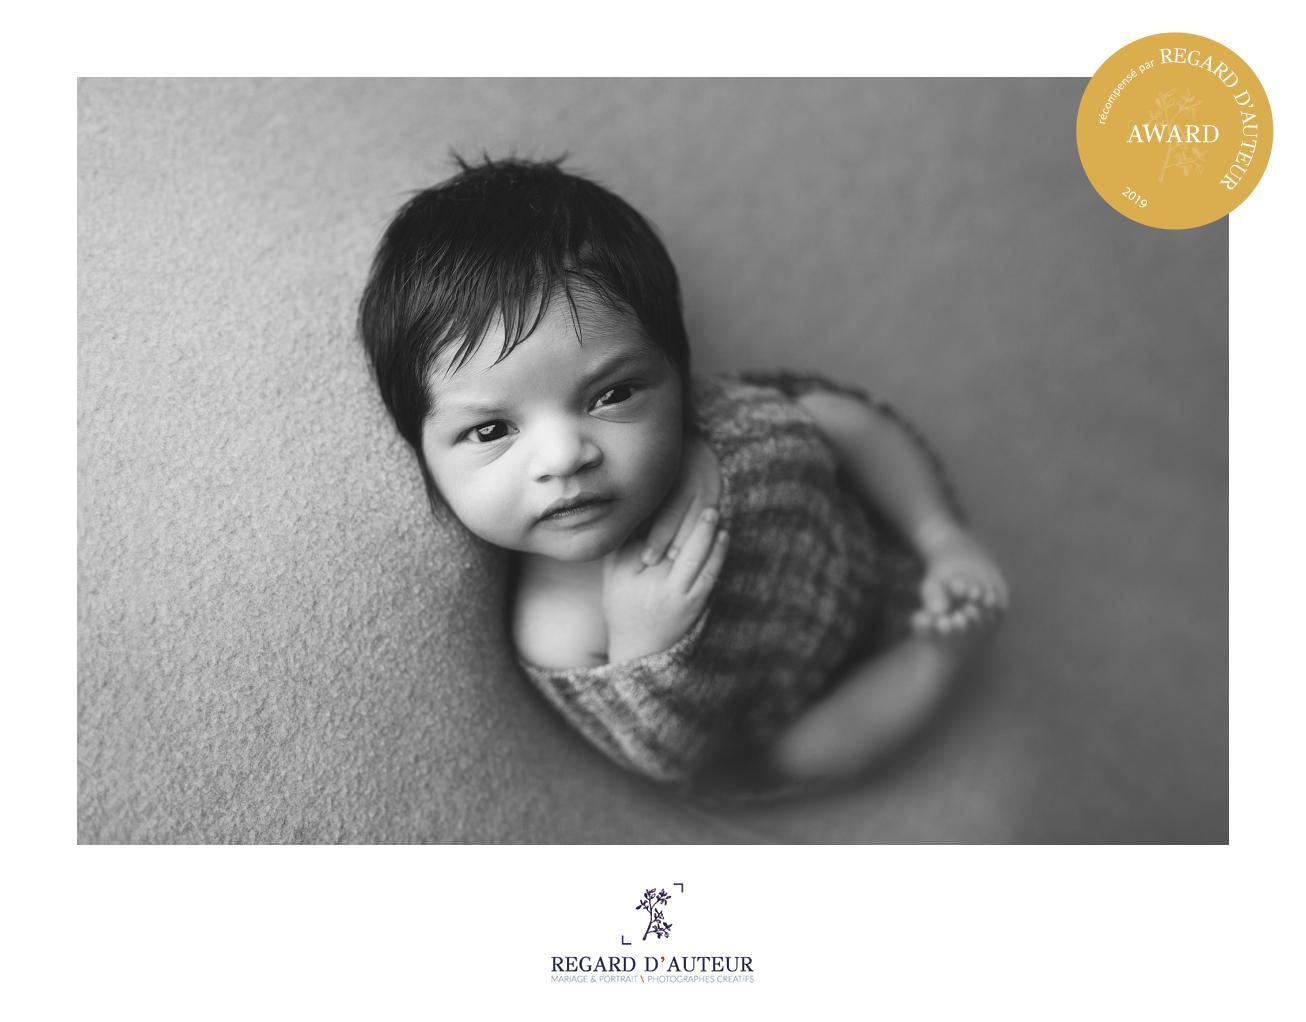 awards-resultats-des-concours-photos-photographique-regard d auteur